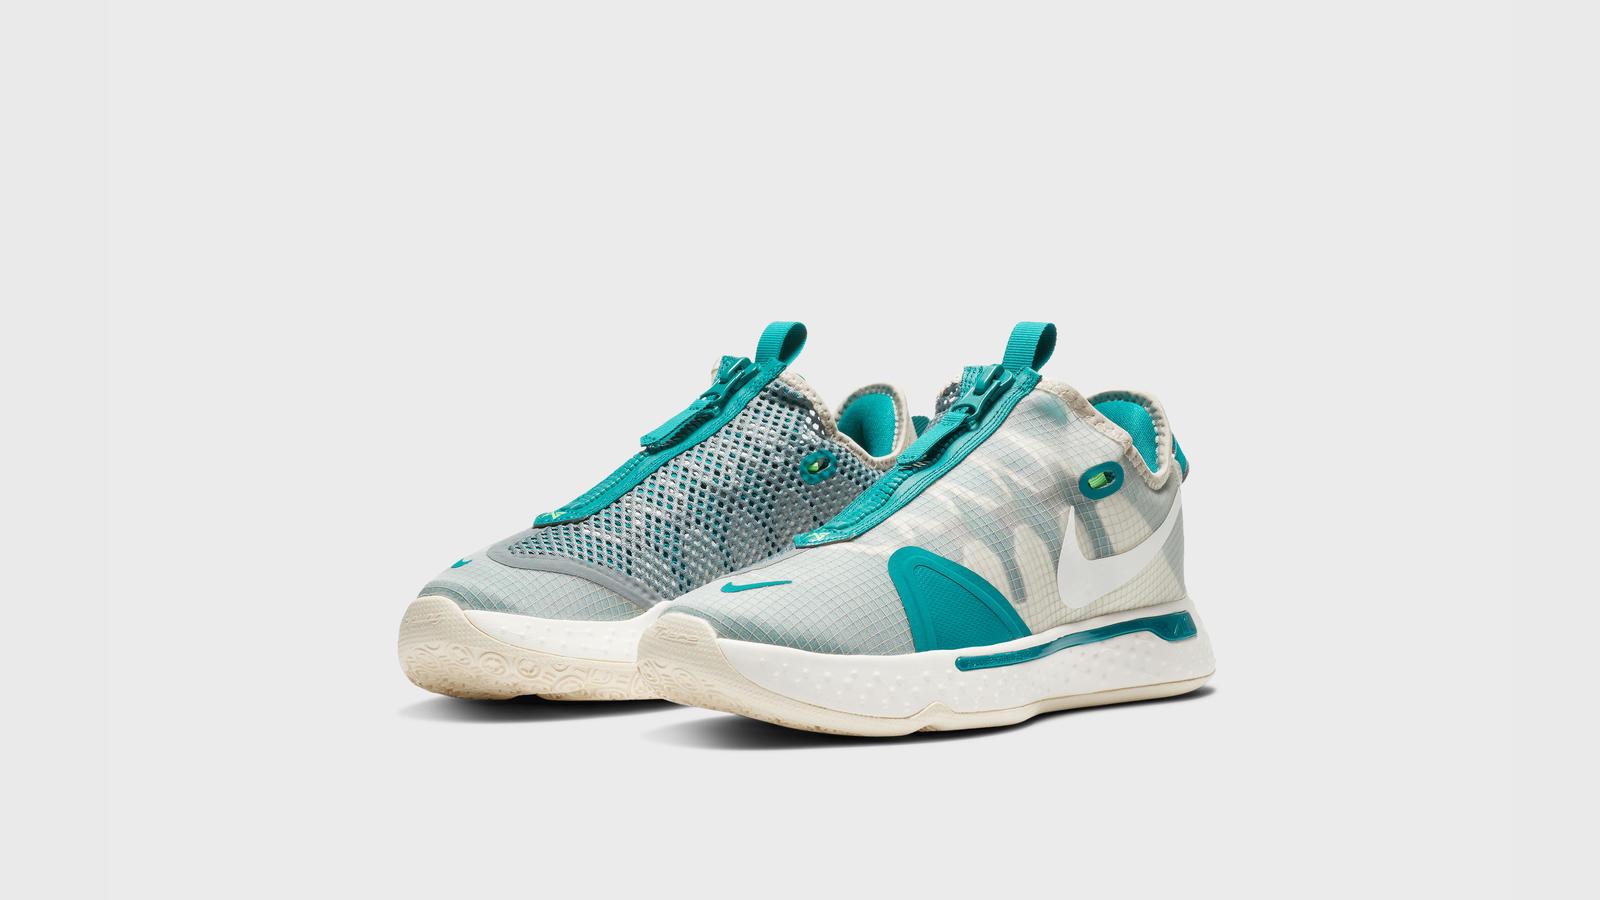 Nike Basketball Footwear NBA and WNBA Return 2020 21